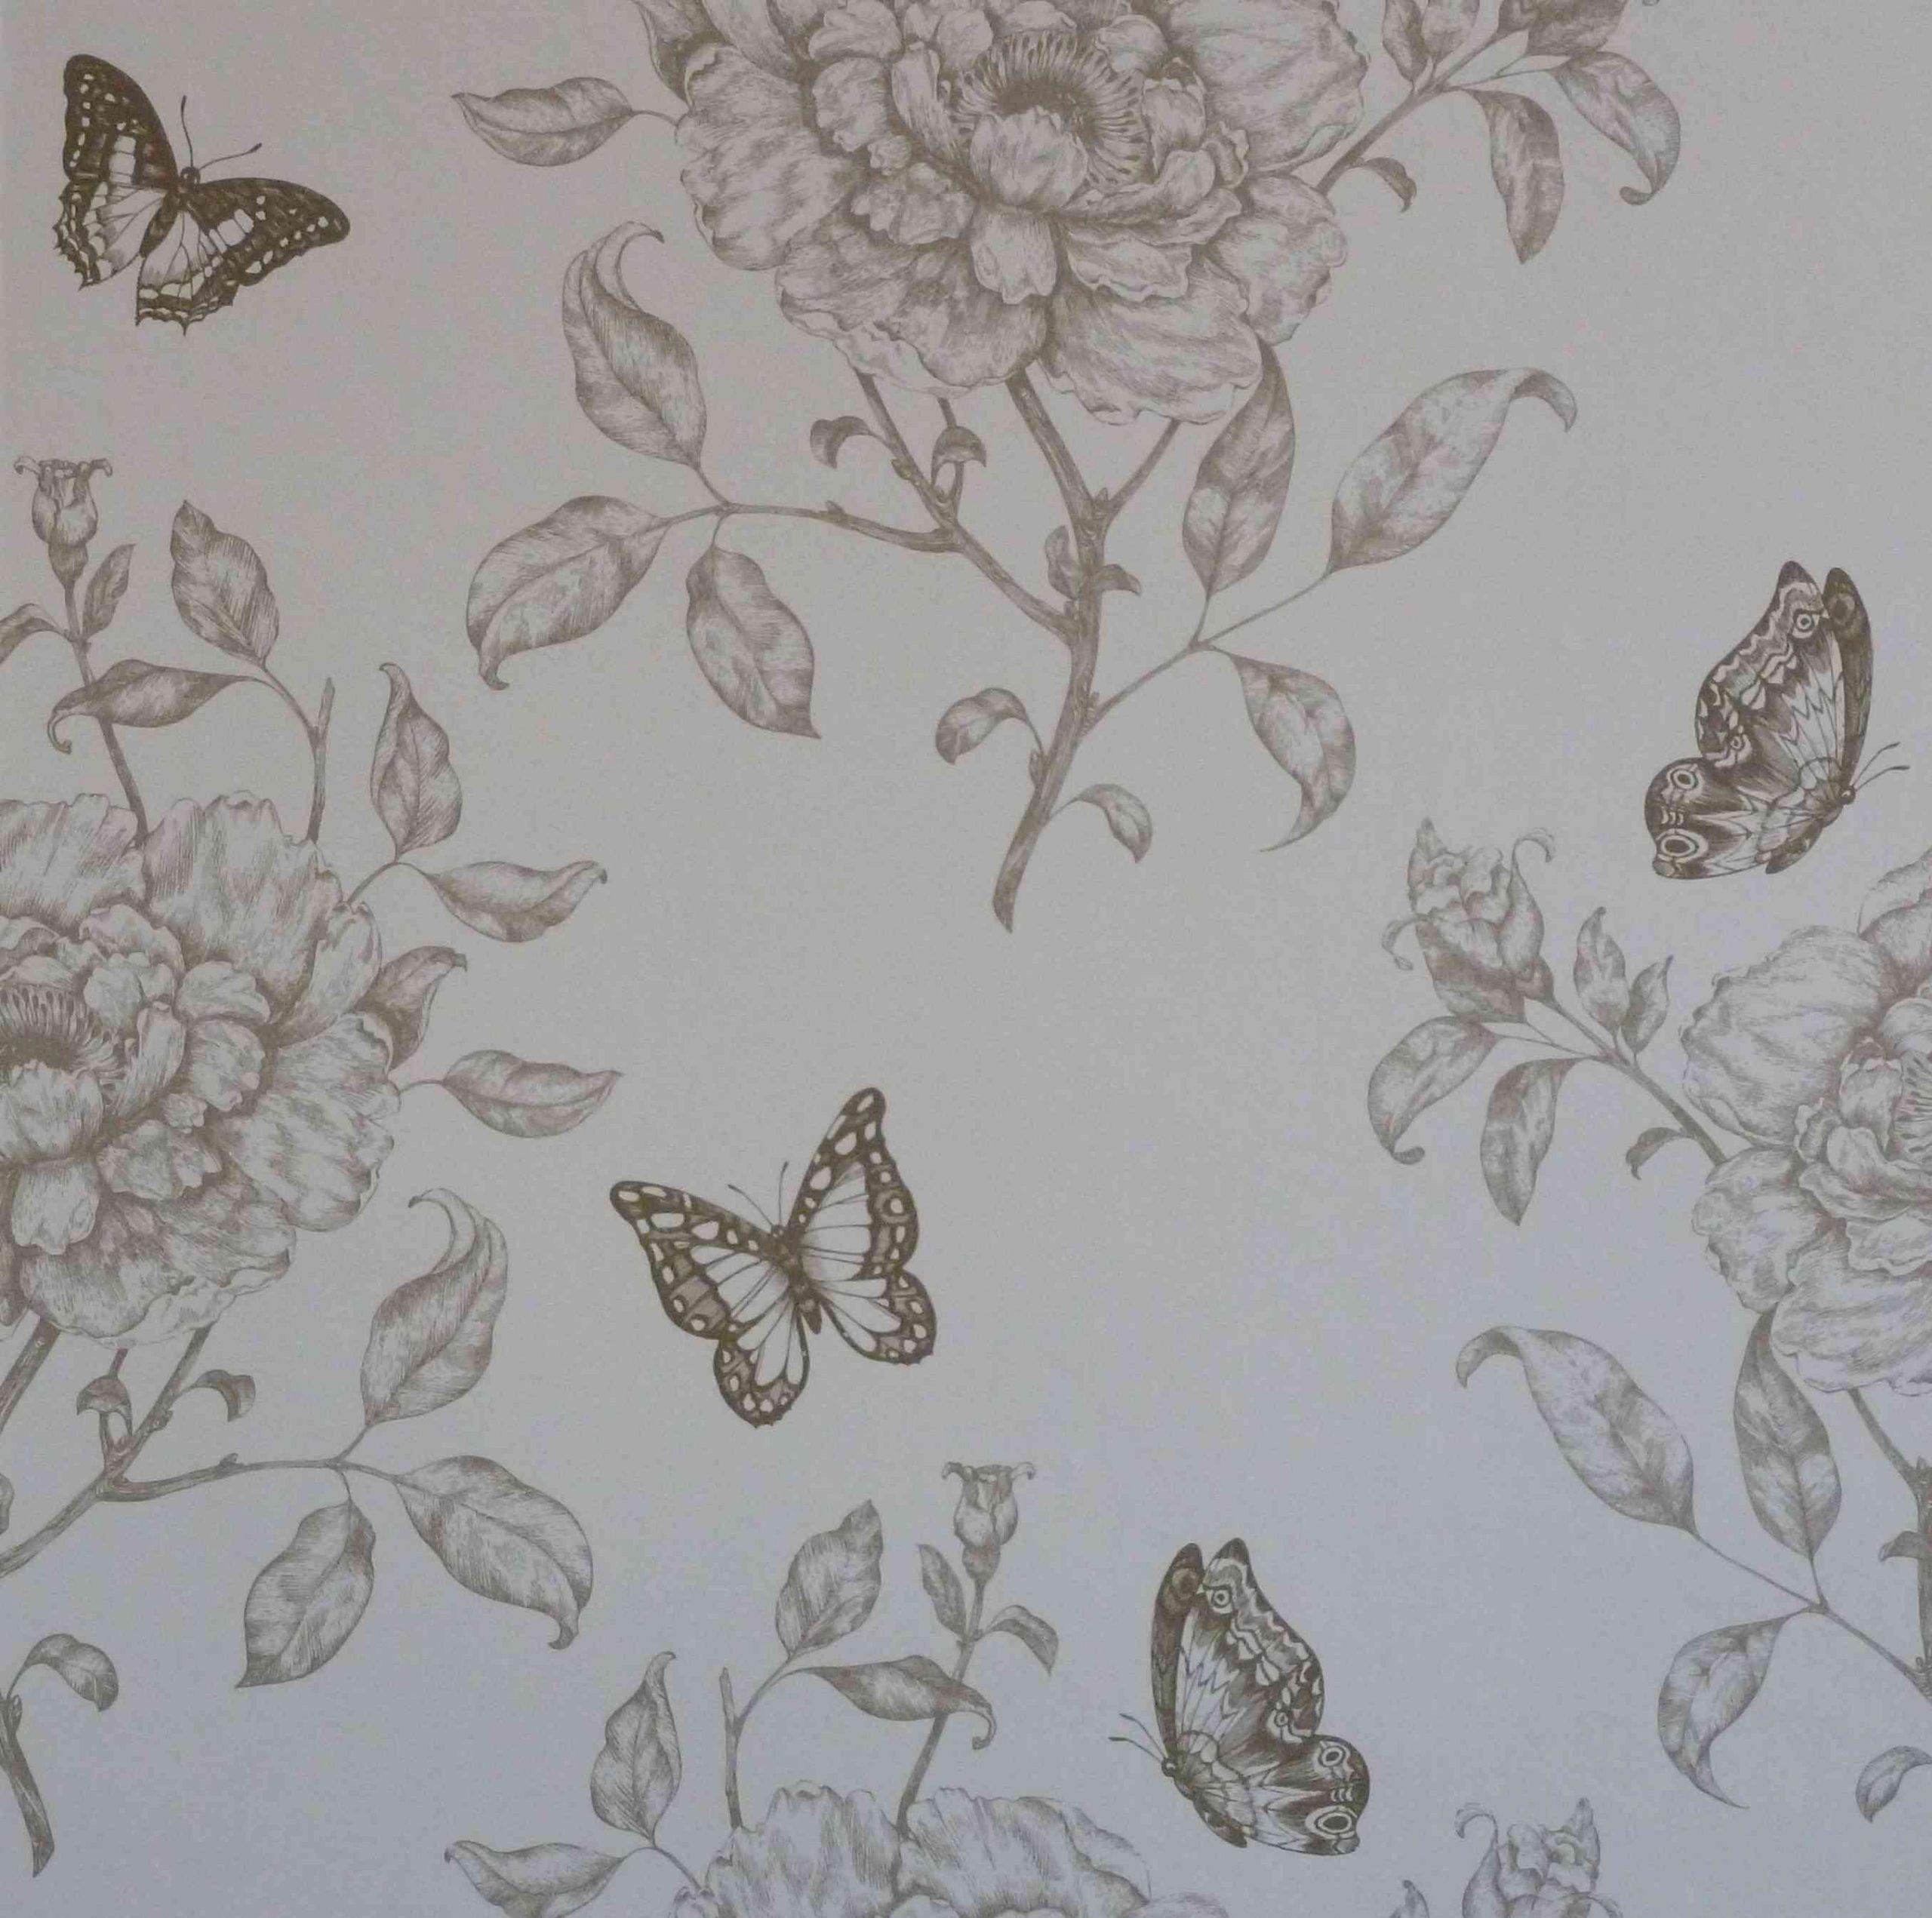 Patchwork De Papier Peint dedans Rideaux Toile De Jouy Leroy Merlin